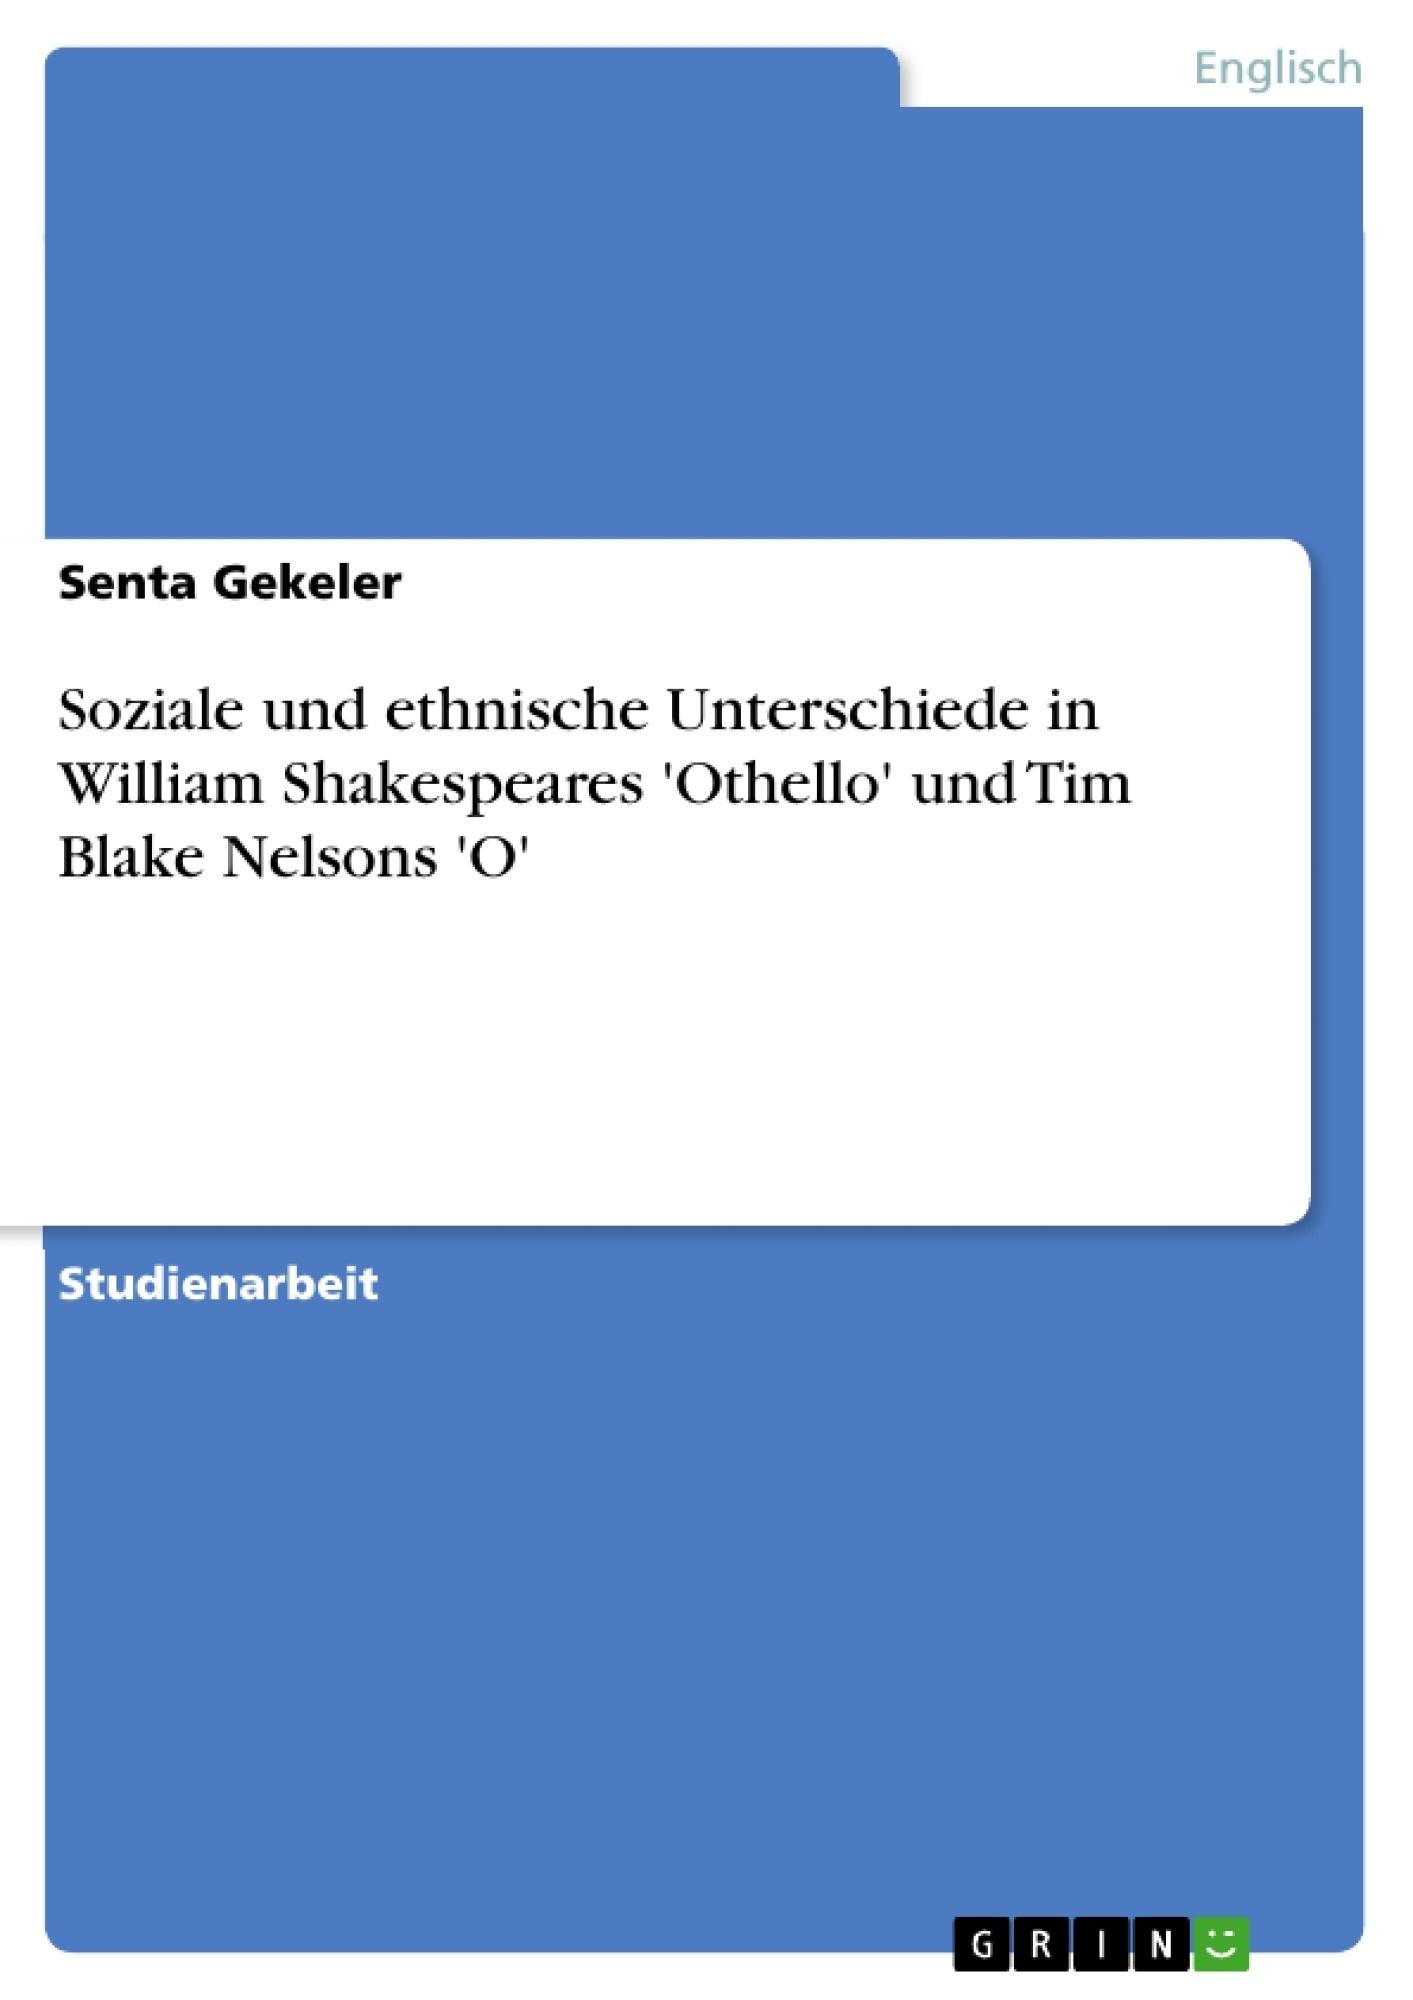 Titel: Soziale und ethnische Unterschiede in William Shakespeares 'Othello' und Tim Blake Nelsons 'O'